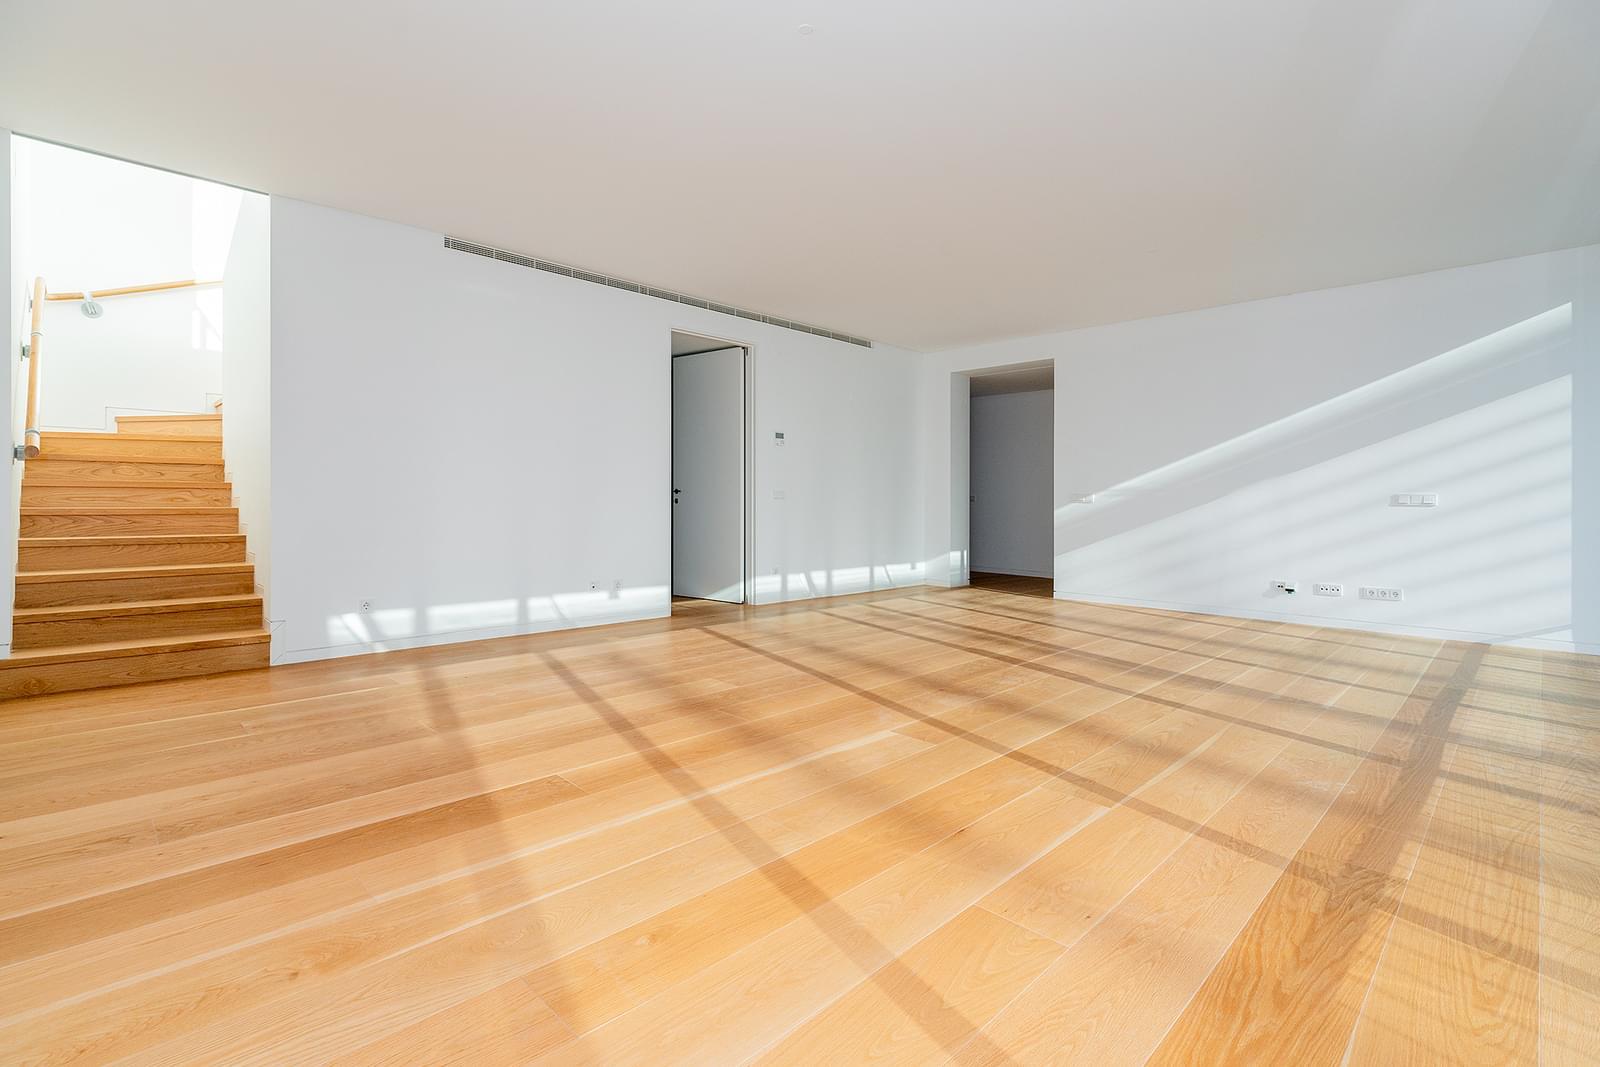 pf18713-apartamento-t3-lisboa-1521695d-bcd5-4081-b9fe-59f0b5c770ee